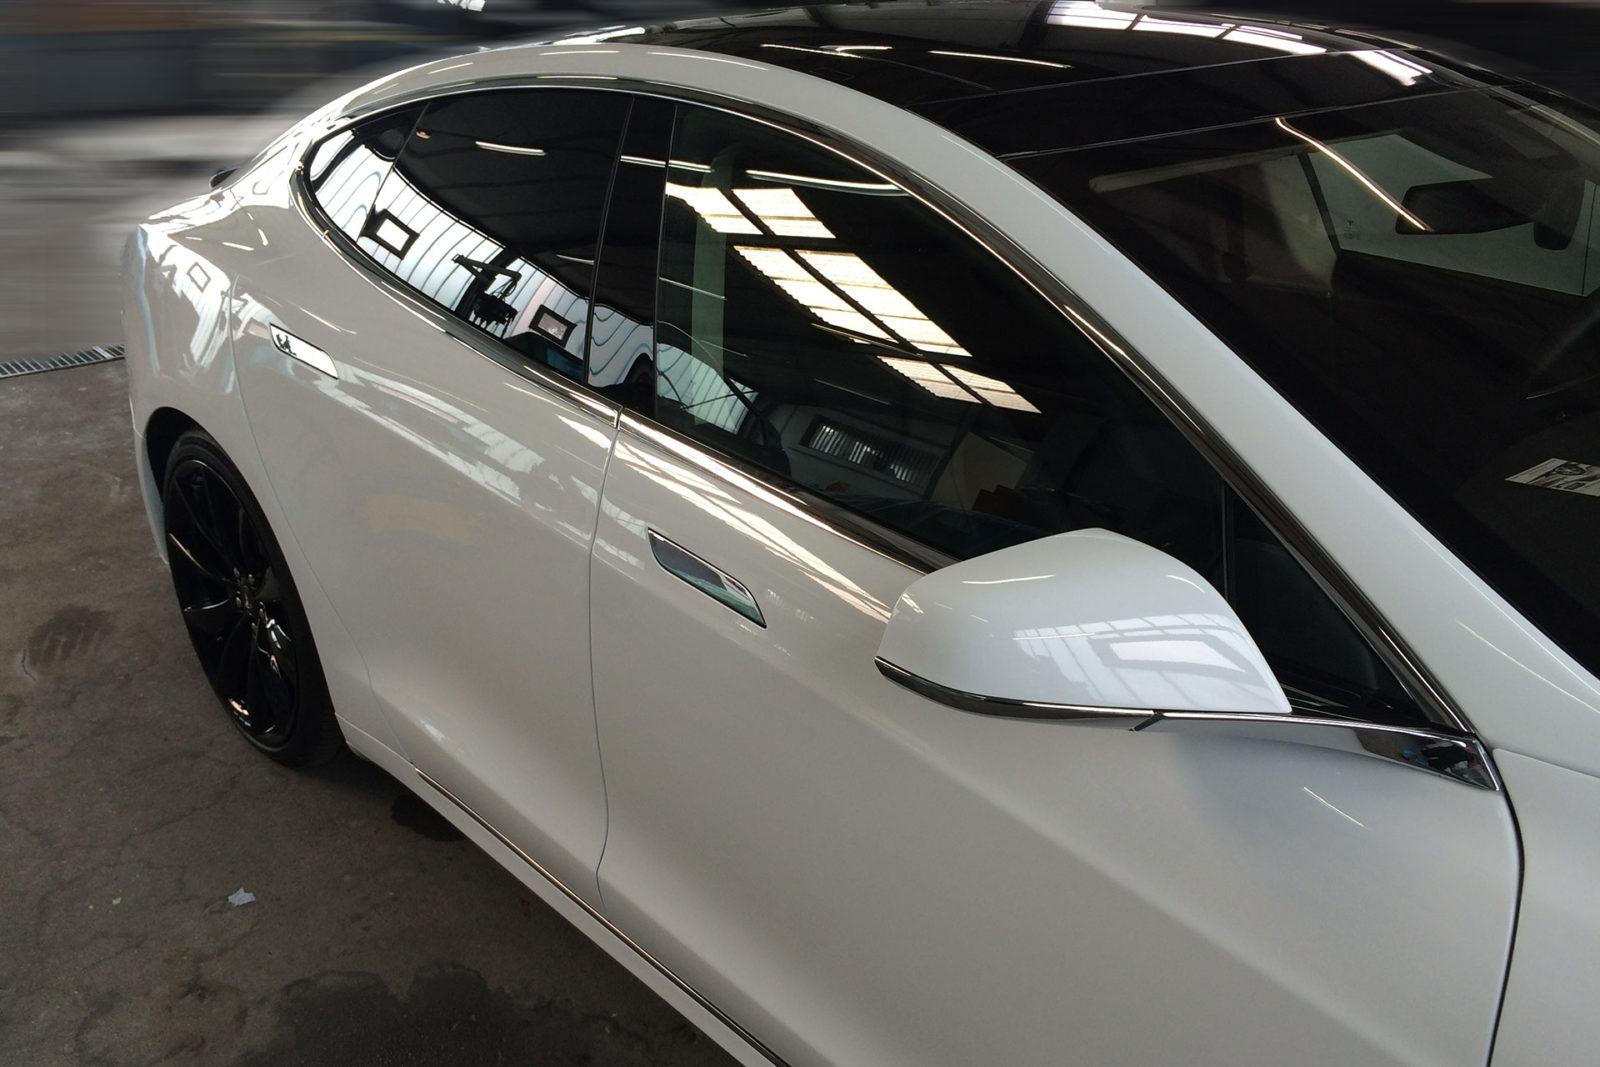 Autofolie - Tönungsfolien für Autos zur individuellen Gestaltung Ihres Fahrzeuges.